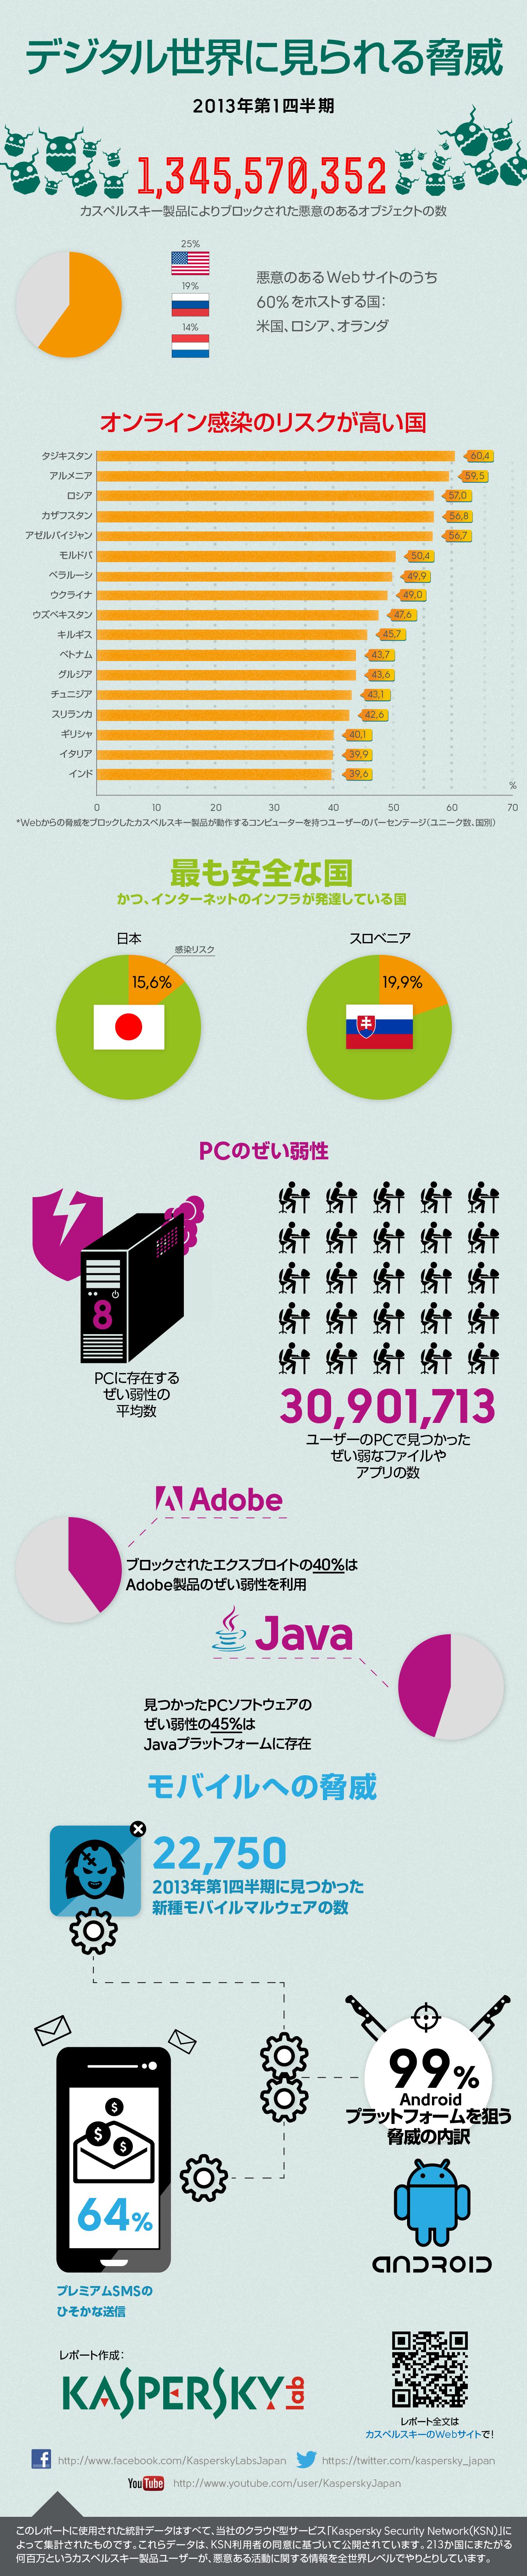 インフォグラフィック:2013Q1